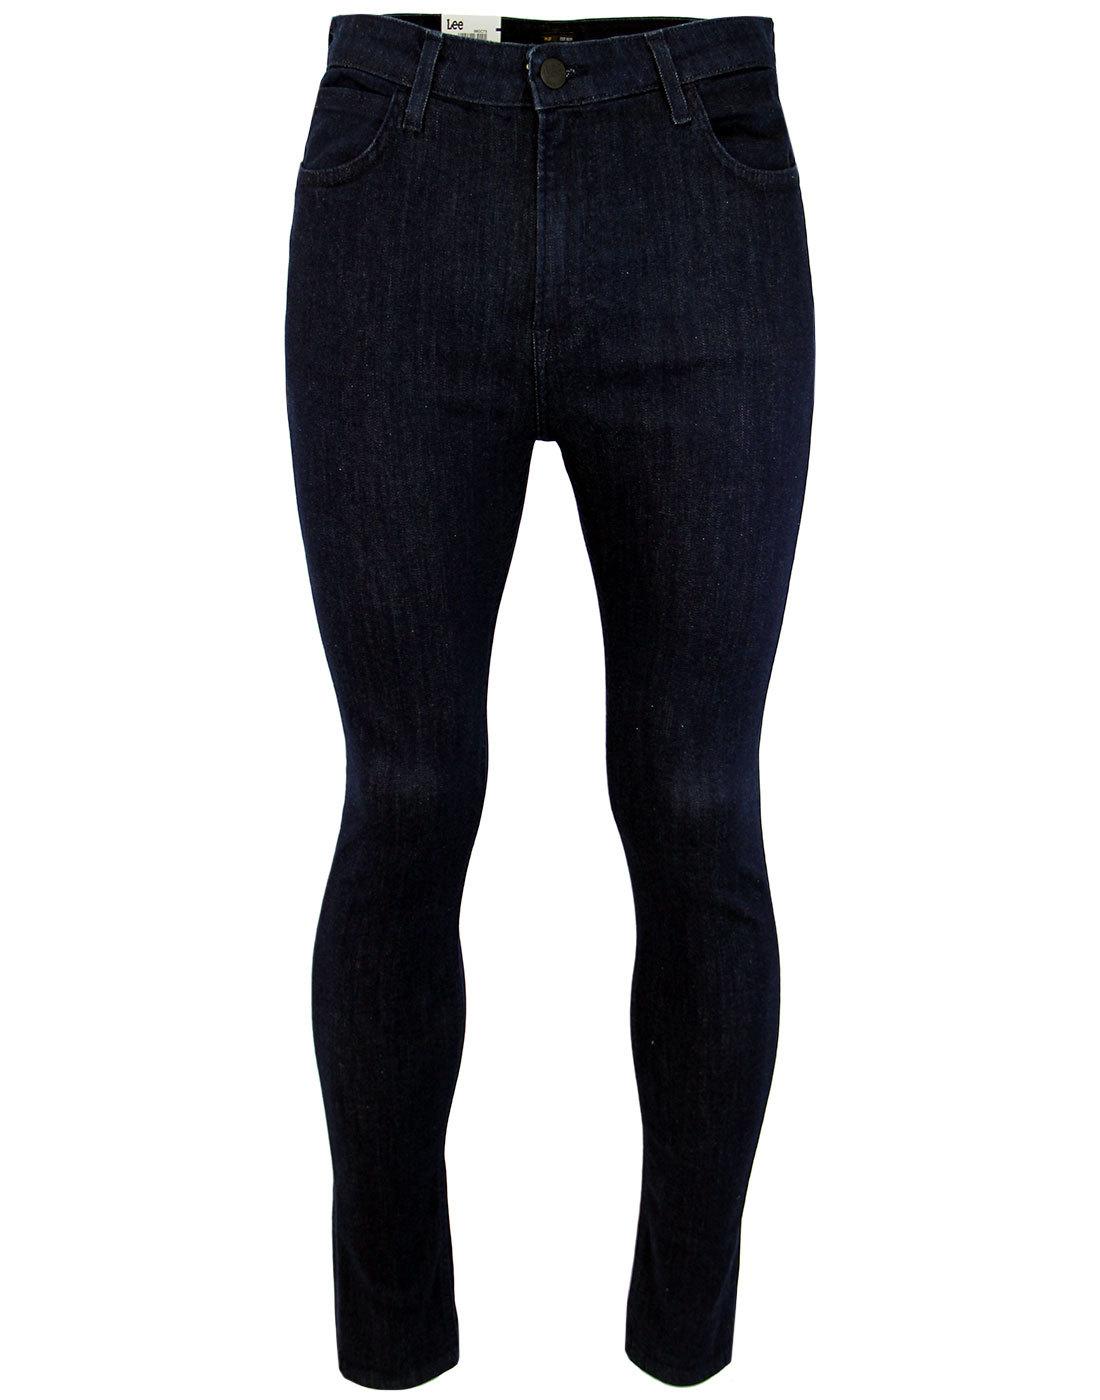 Boyd LEE Power Stretch Super Skinny Jeans ONE WASH